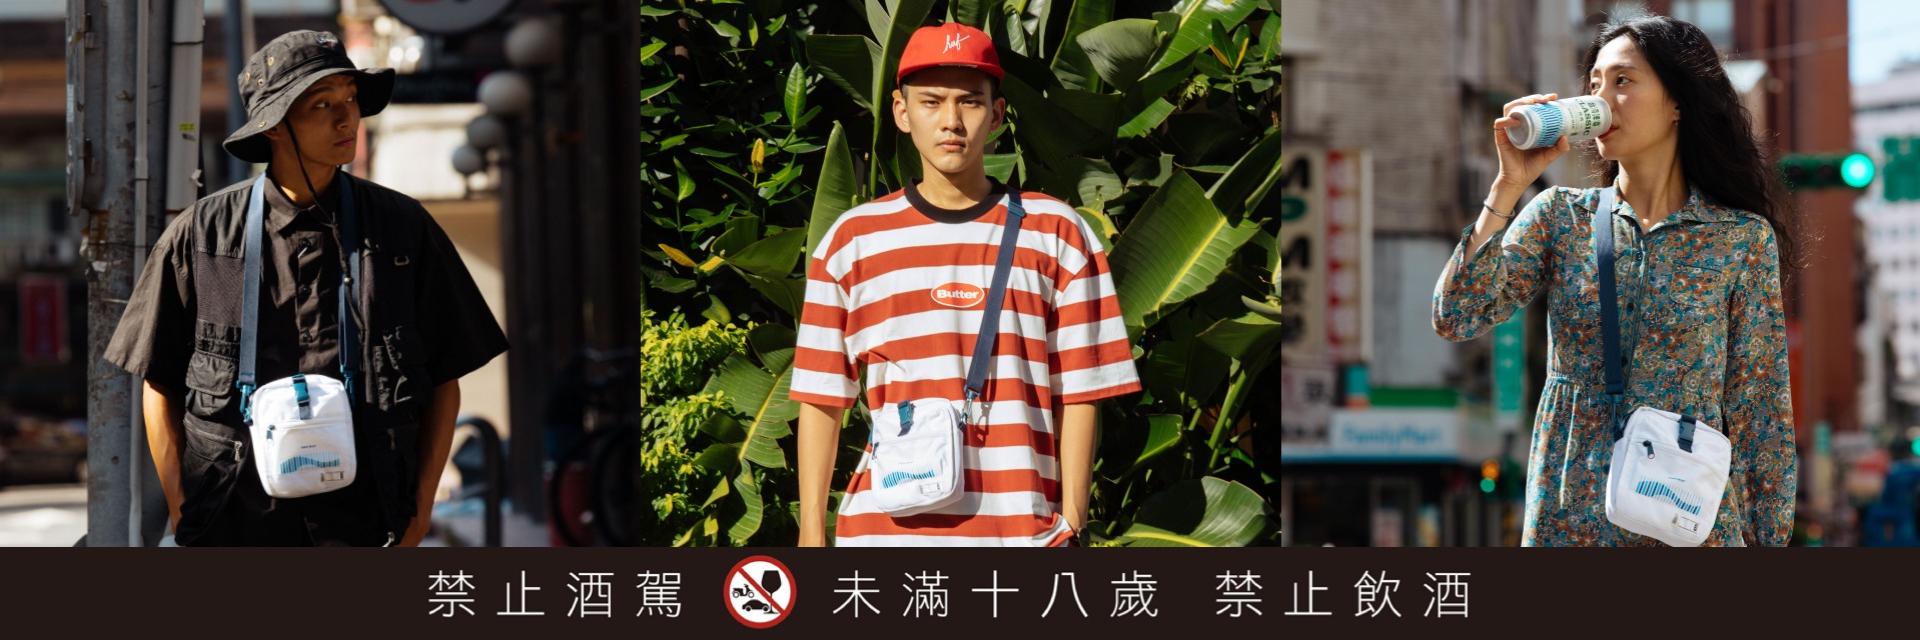 當經典走入潮流,plain-me x 台灣啤酒聯合推出隨行小包!我的風範隨我作主,堅持自我便是經典!